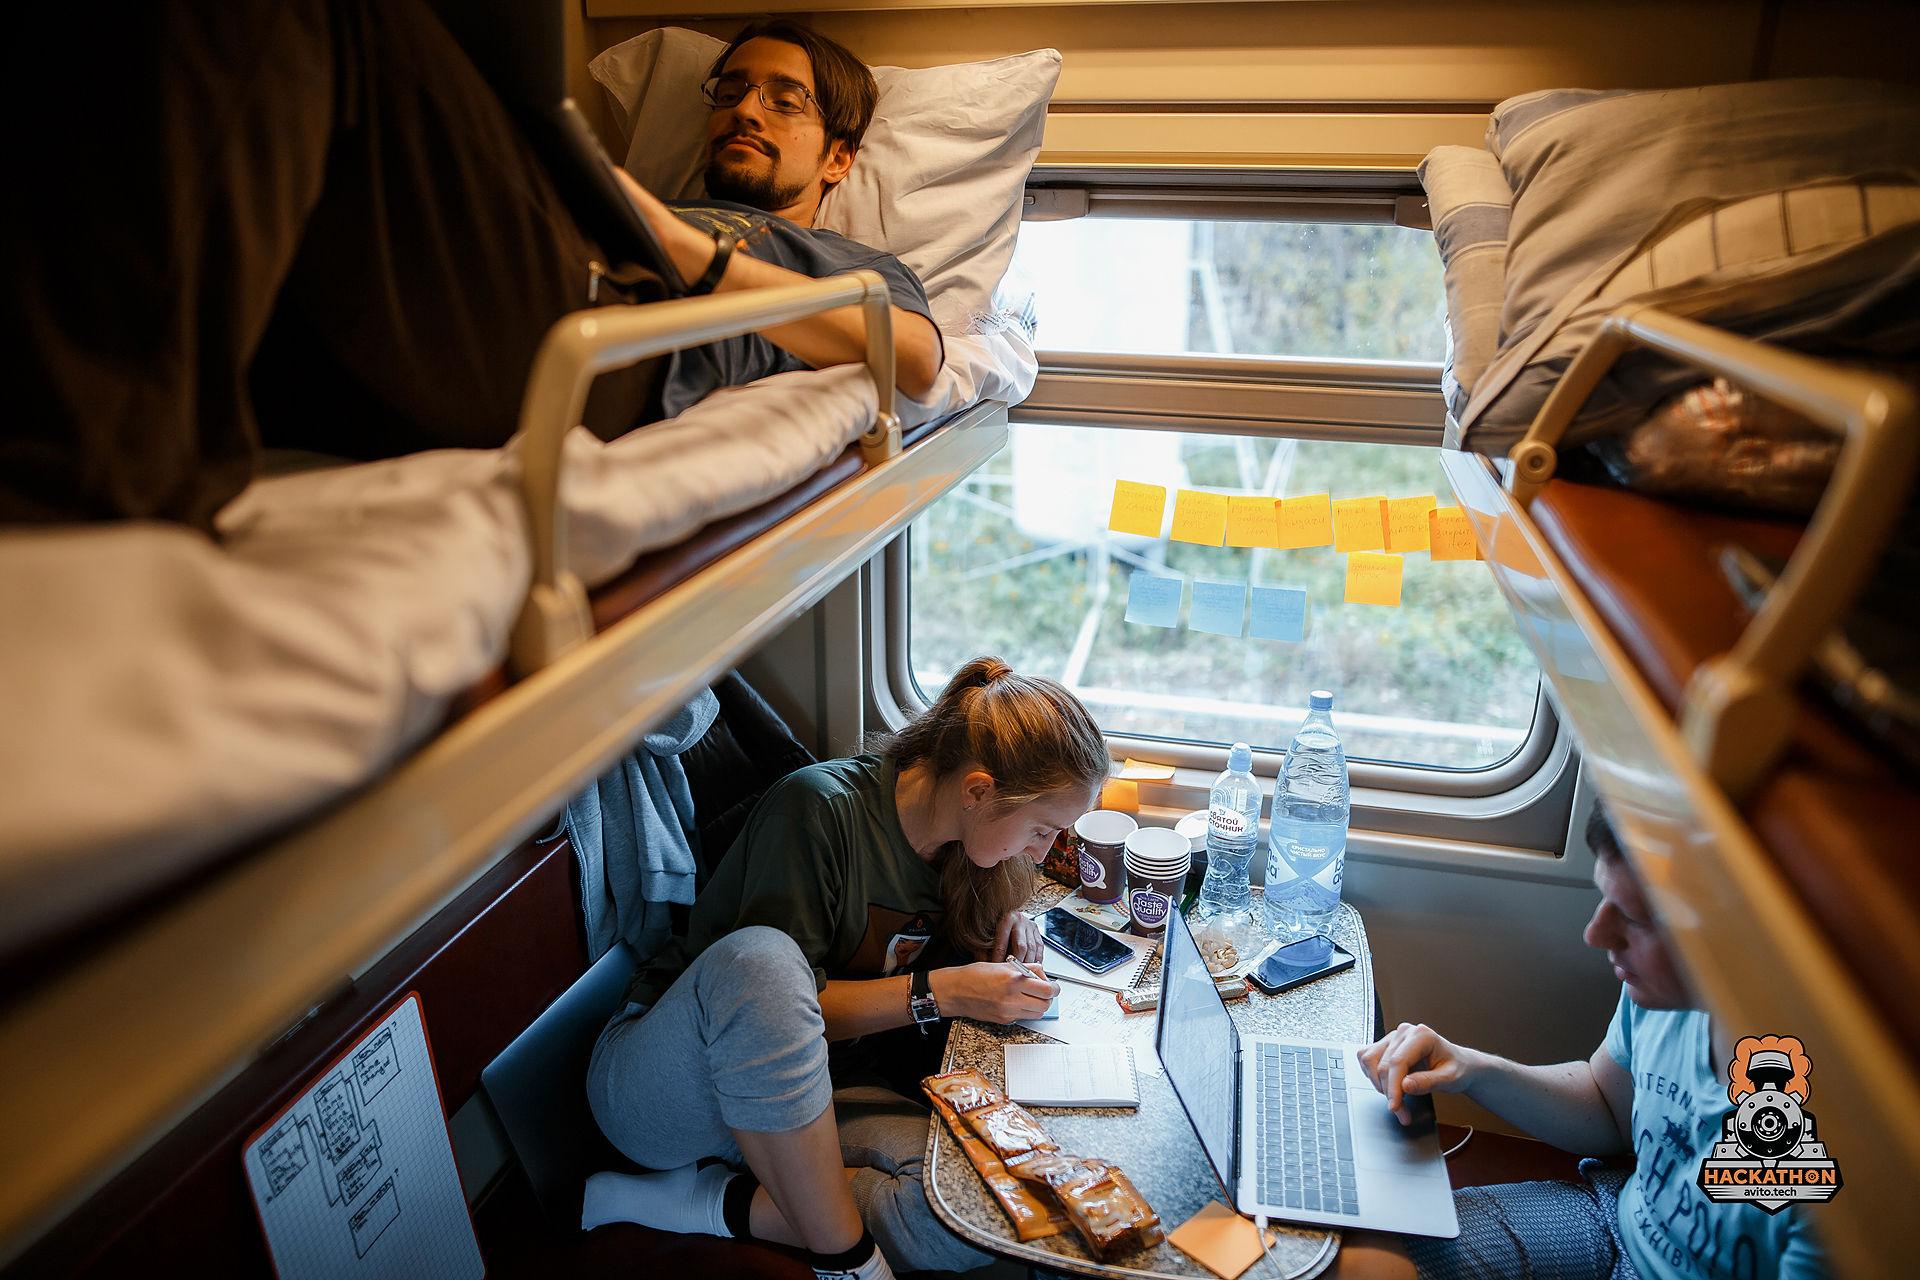 Как мы сделали хакатон в поезде и что из этого получилось - 9